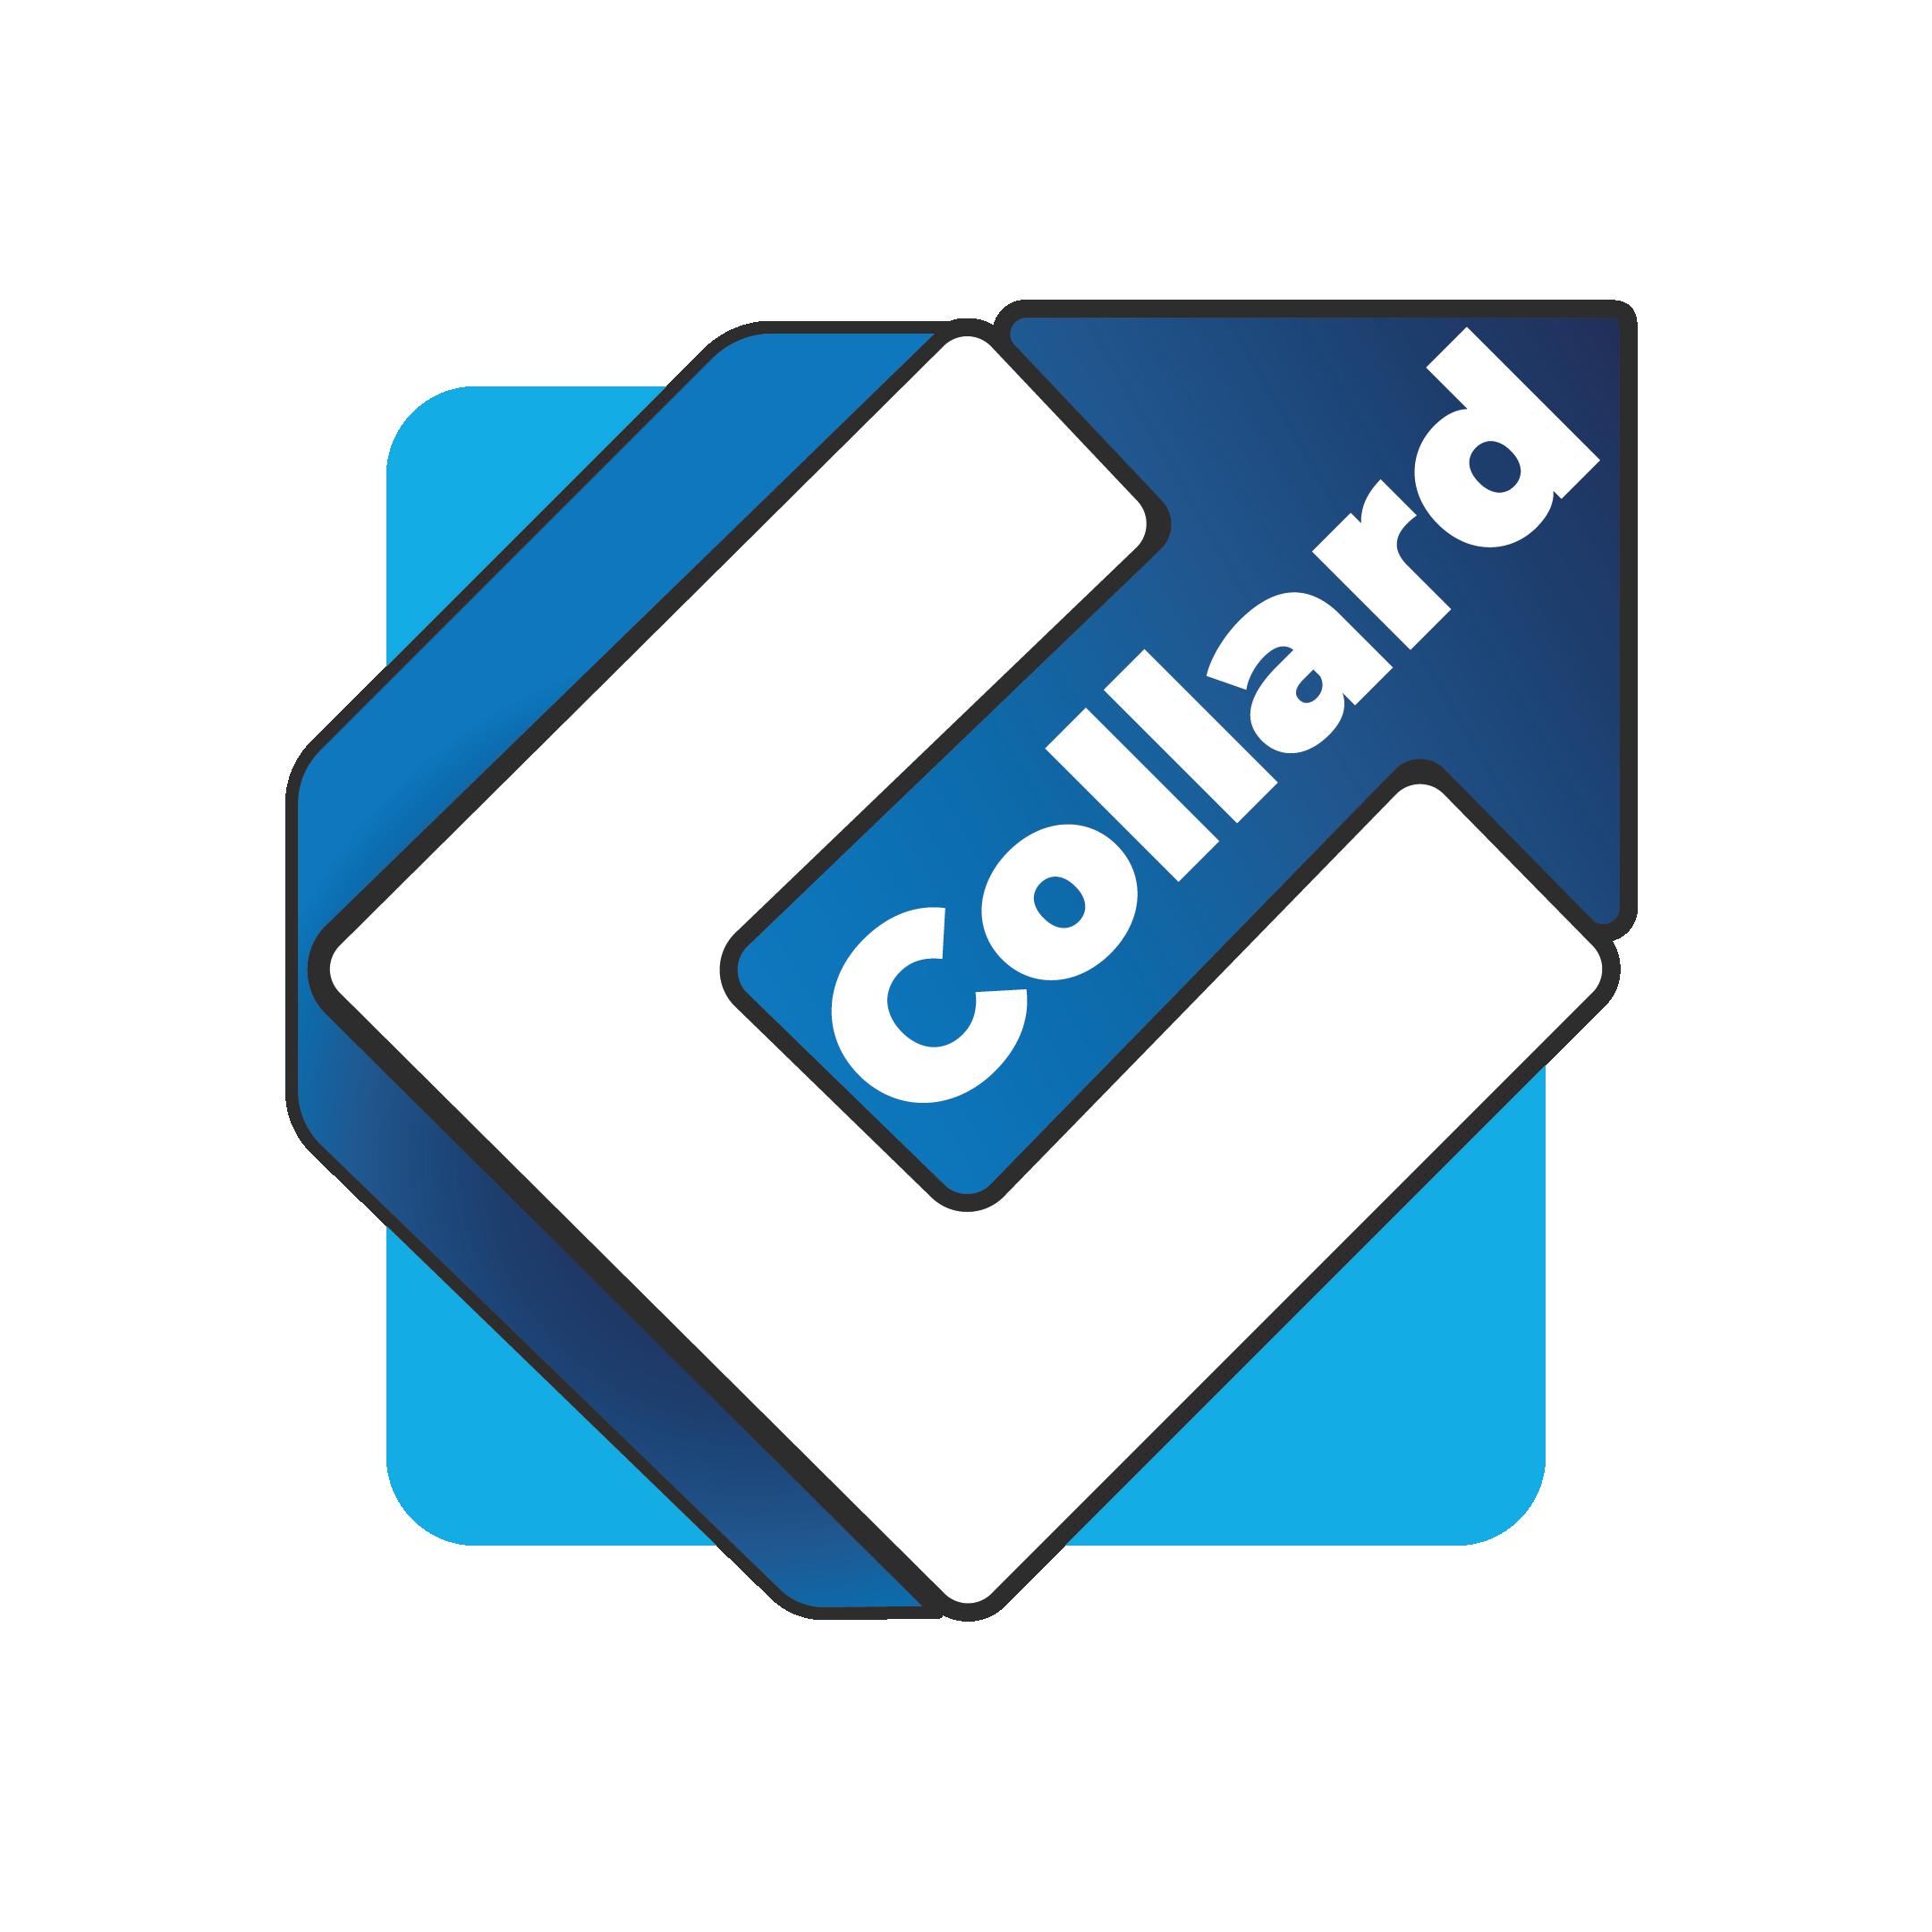 Nouveau logo de l'entreprise